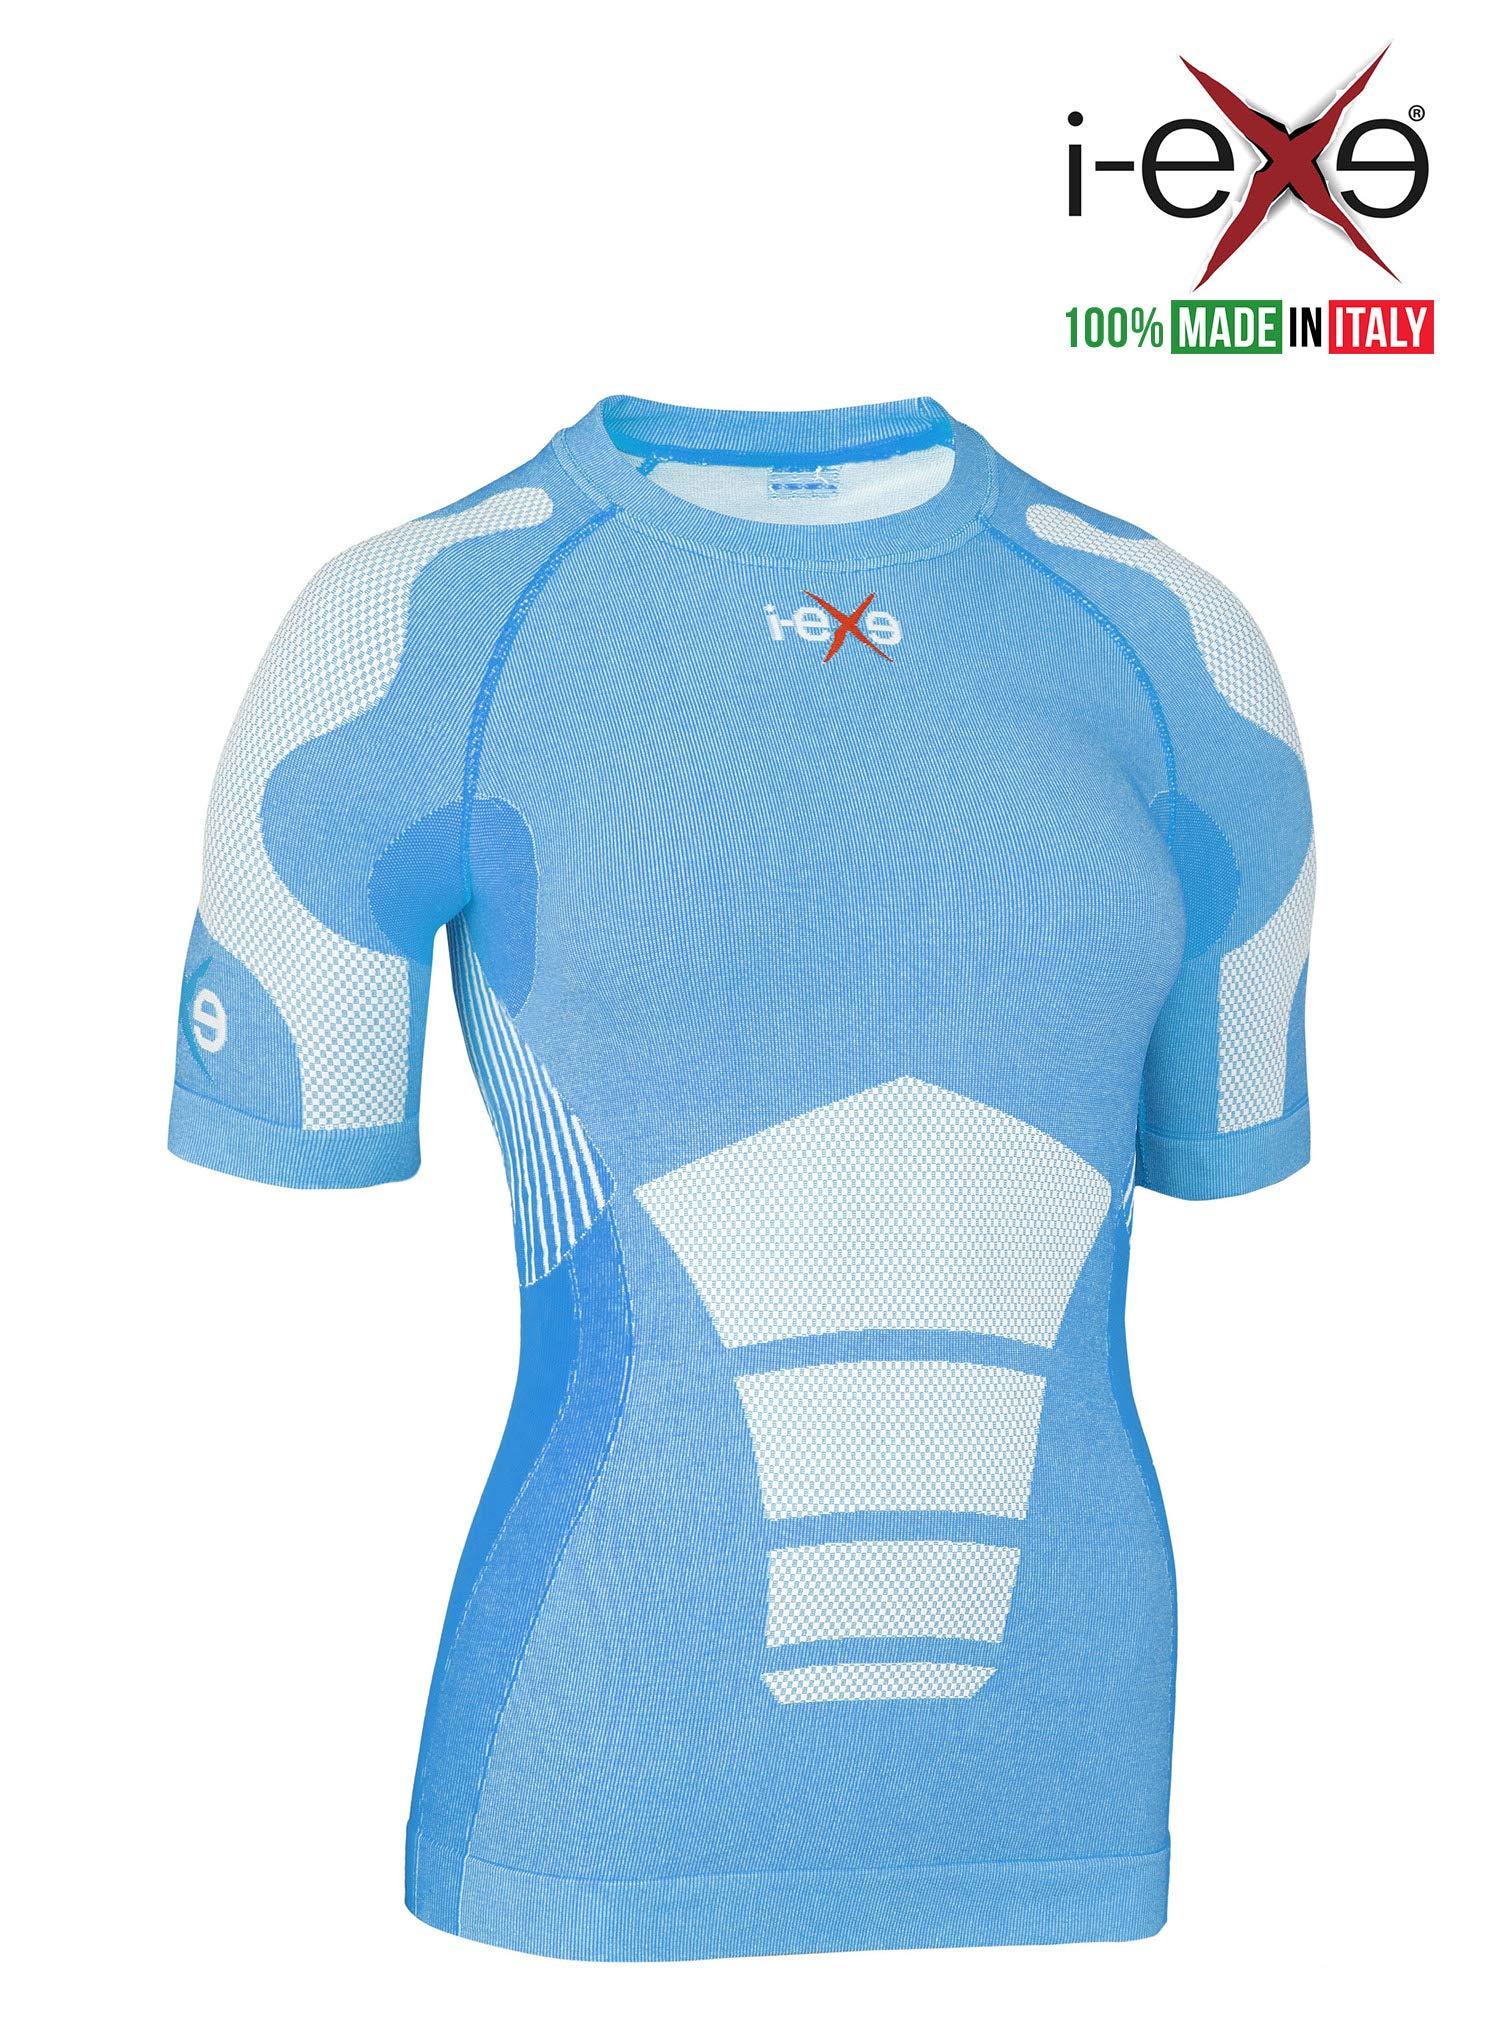 I-EXE Womens Compr Shirt CLR: Blue, SZ: S